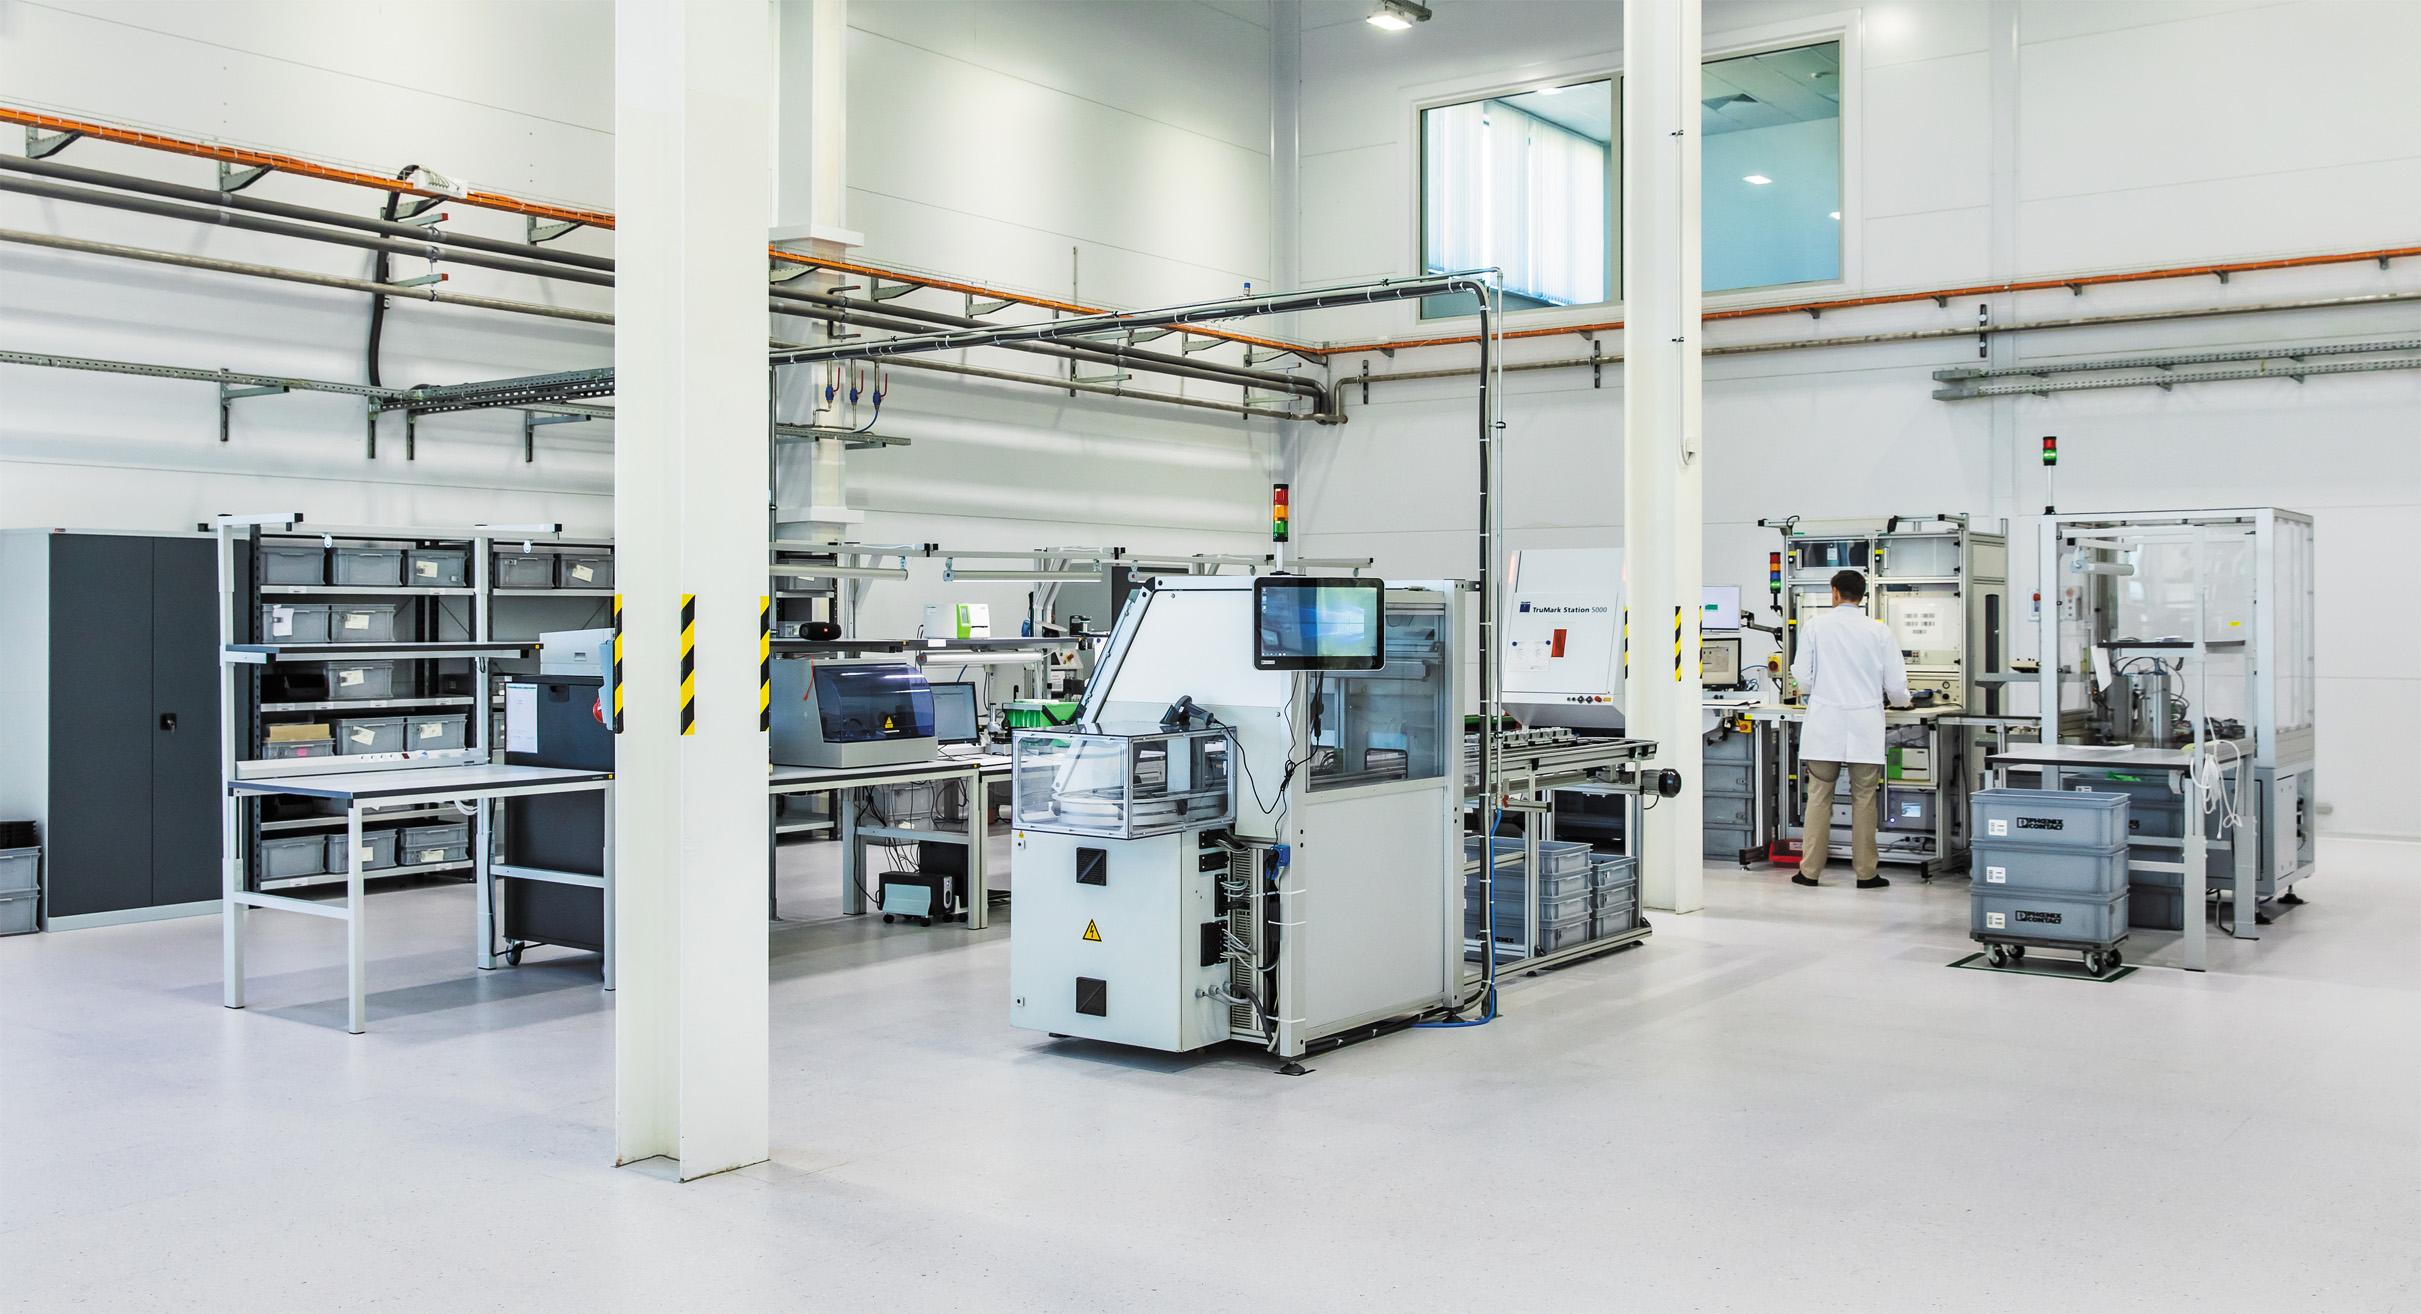 Участок производства электронных компонентов АСУ ТП на заводе Phoenix Contact в России